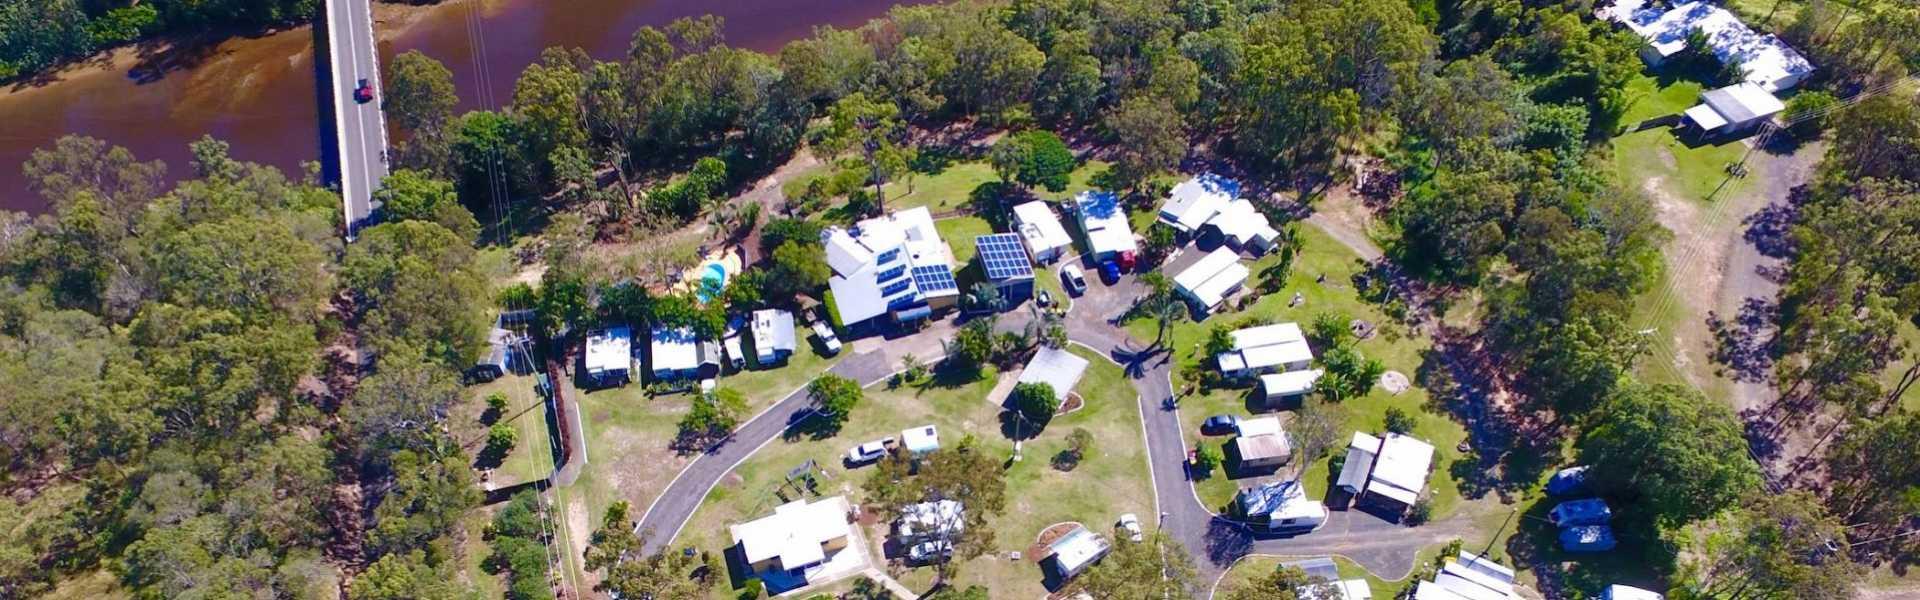 Burrum River Caravan Park, Howard, Kui Parks, Aerial View